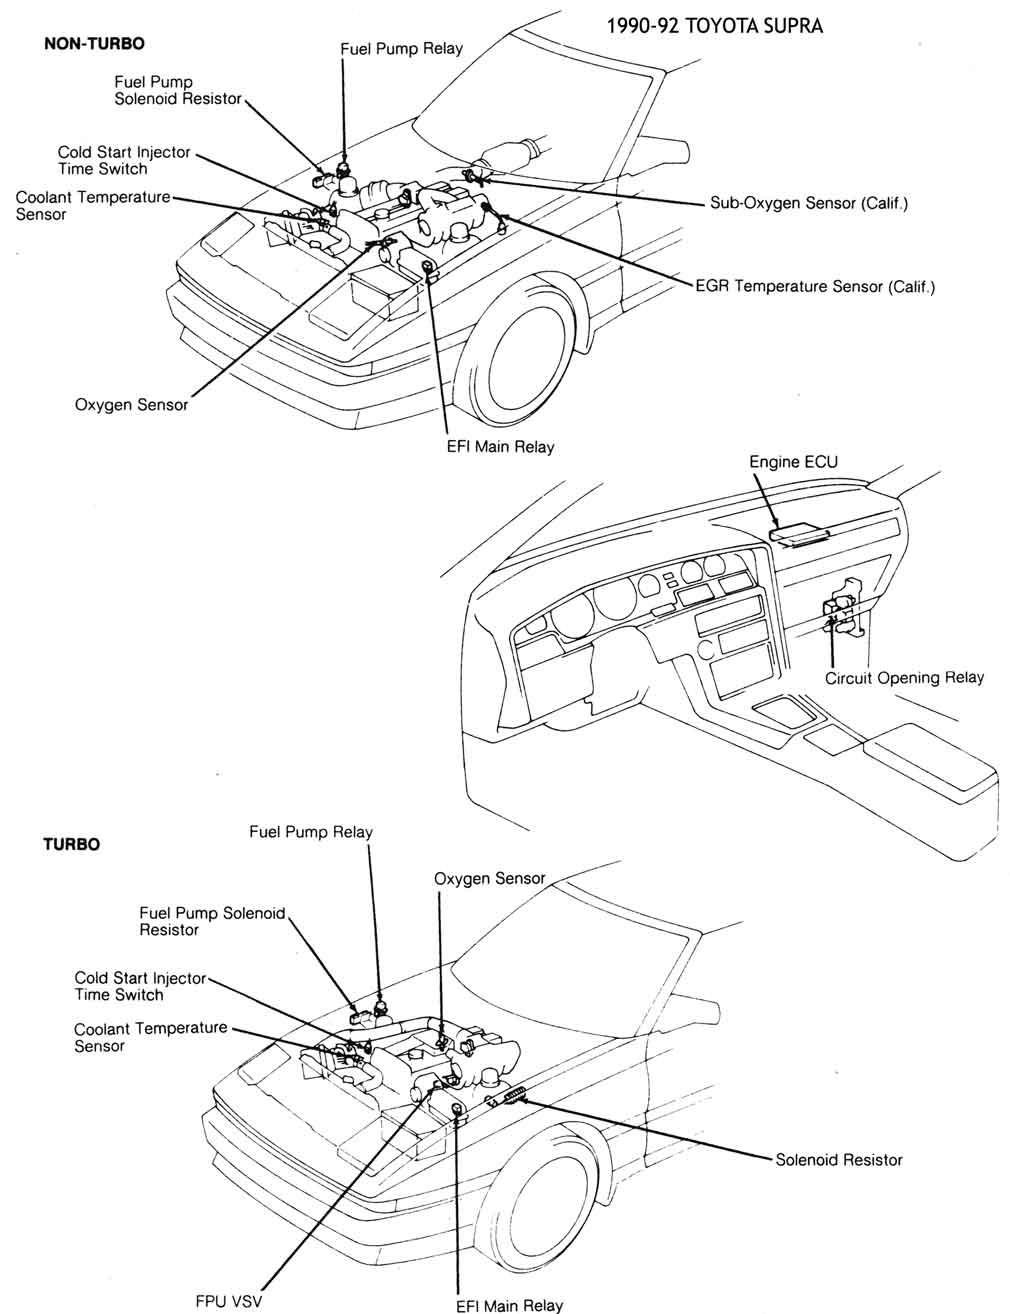 toyota 1986 93 diagramas esquemas ubicacion de ponents Paul Walker's Supra 1990 92 supra